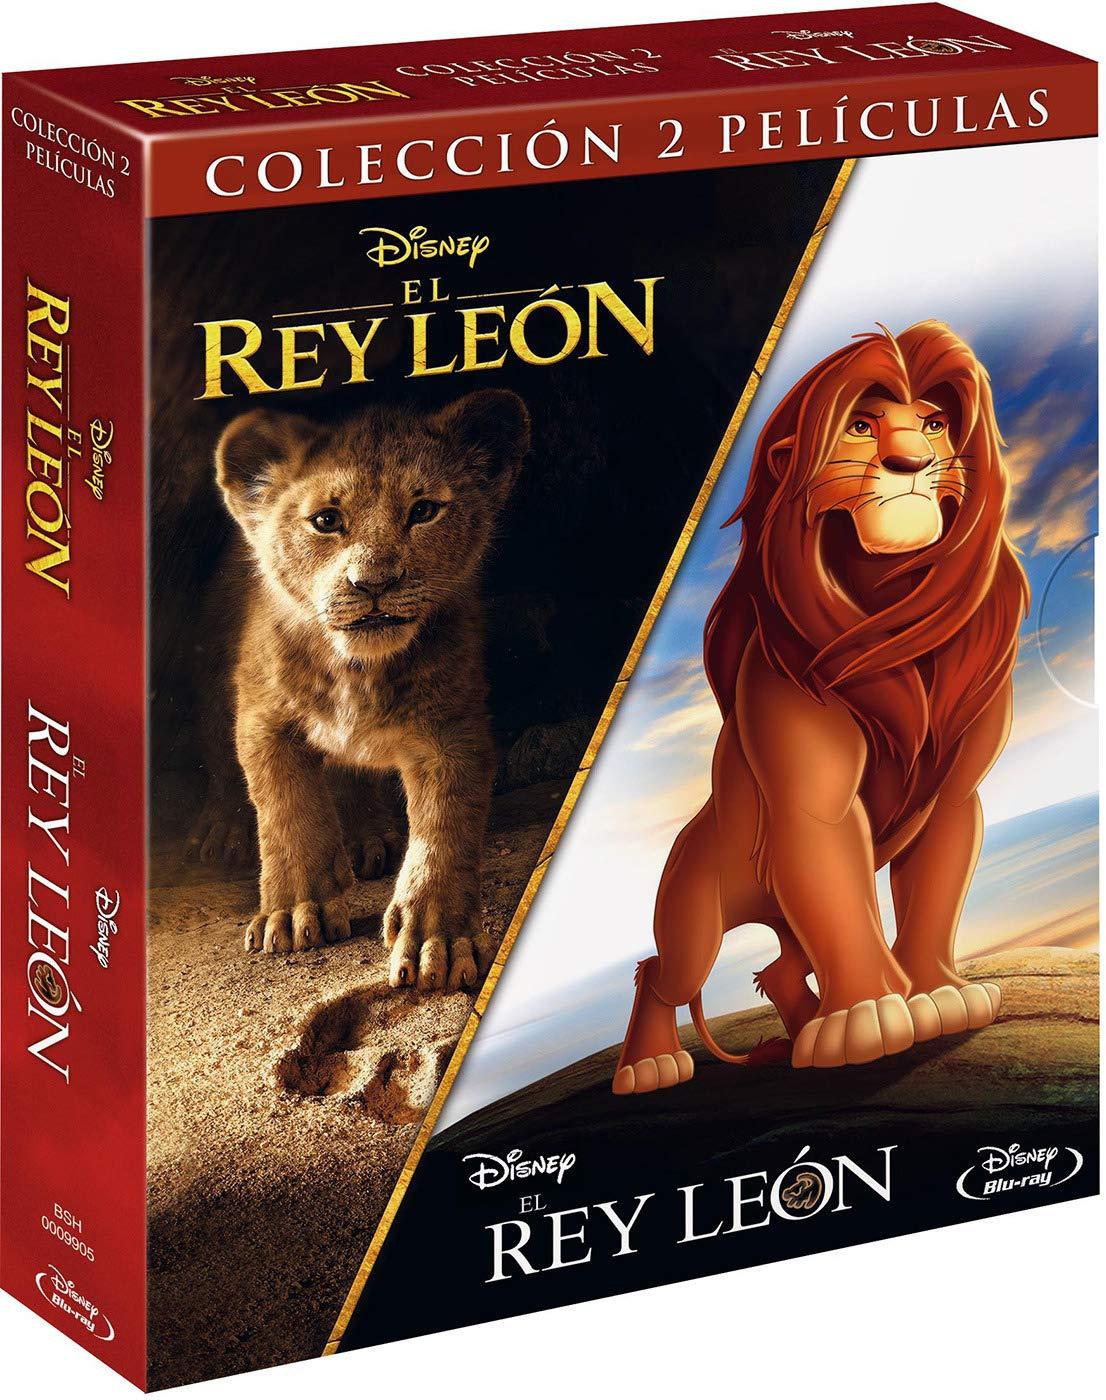 Pack BD: El Rey León clásico + El Rey León imagen real Blu-ray ...